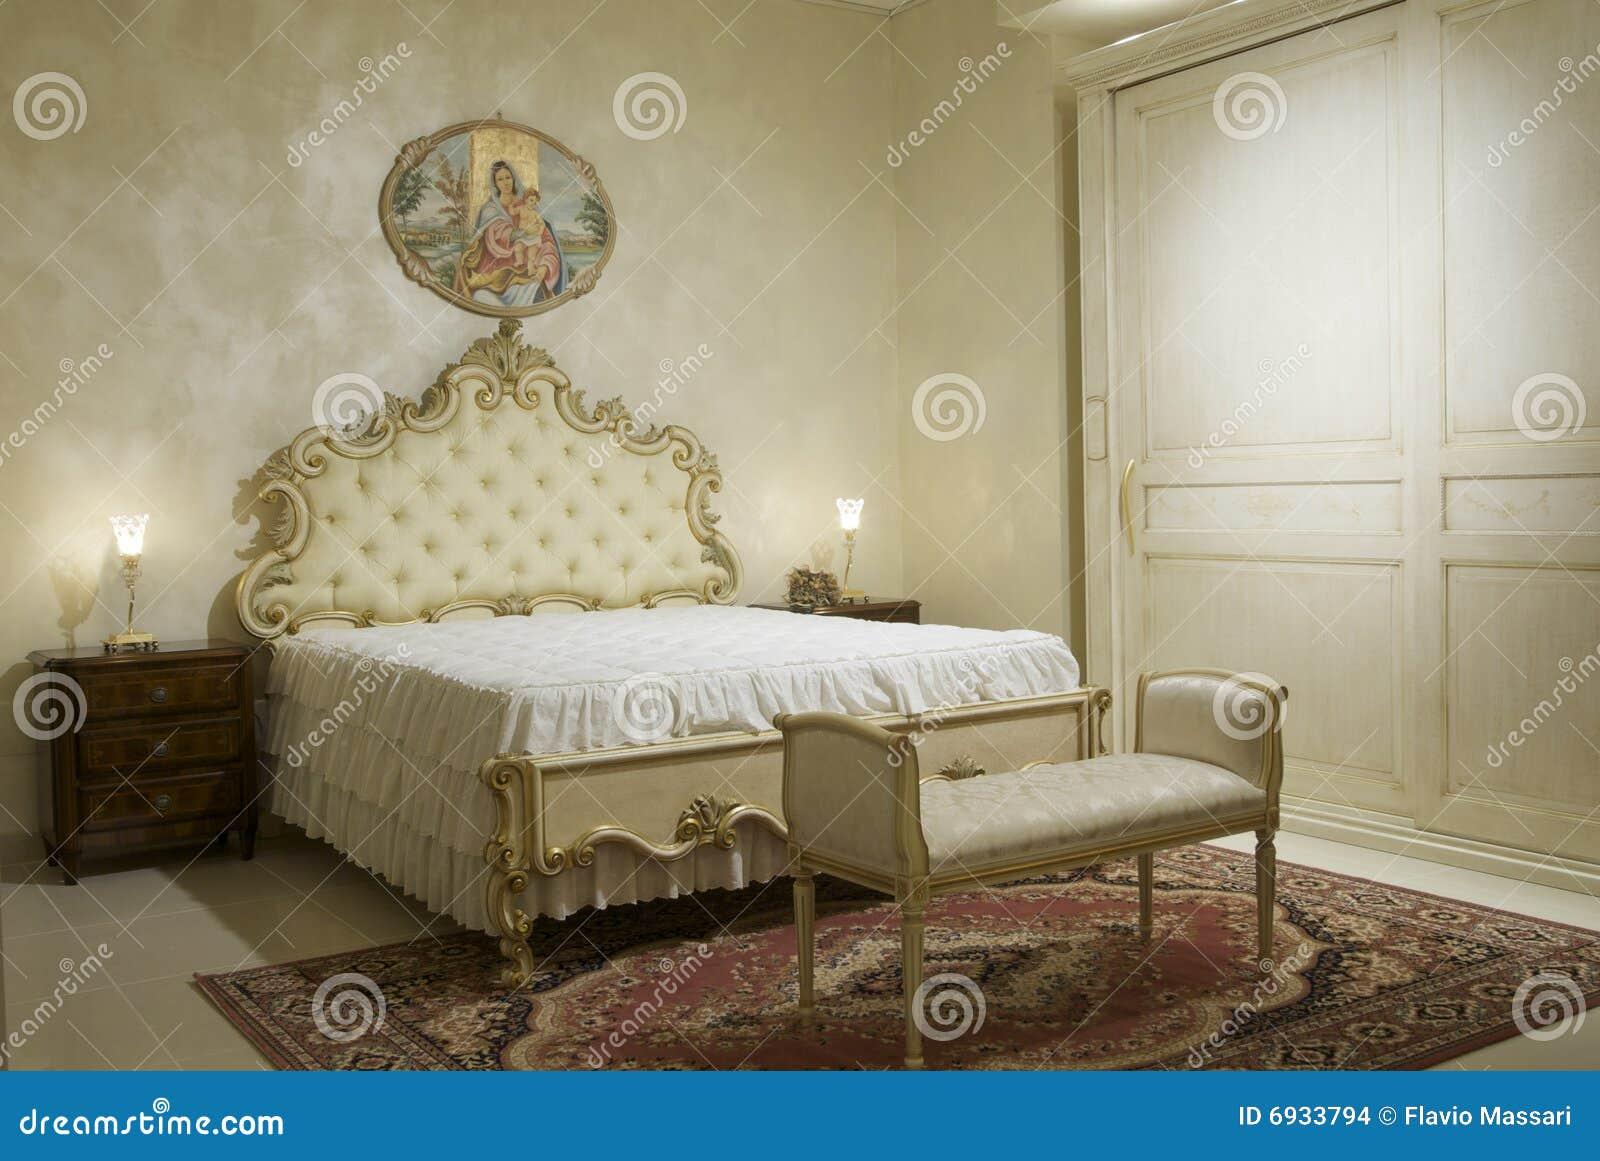 La Camera Da Letto Classica Scalda Fotografia Stock - Immagine di ...